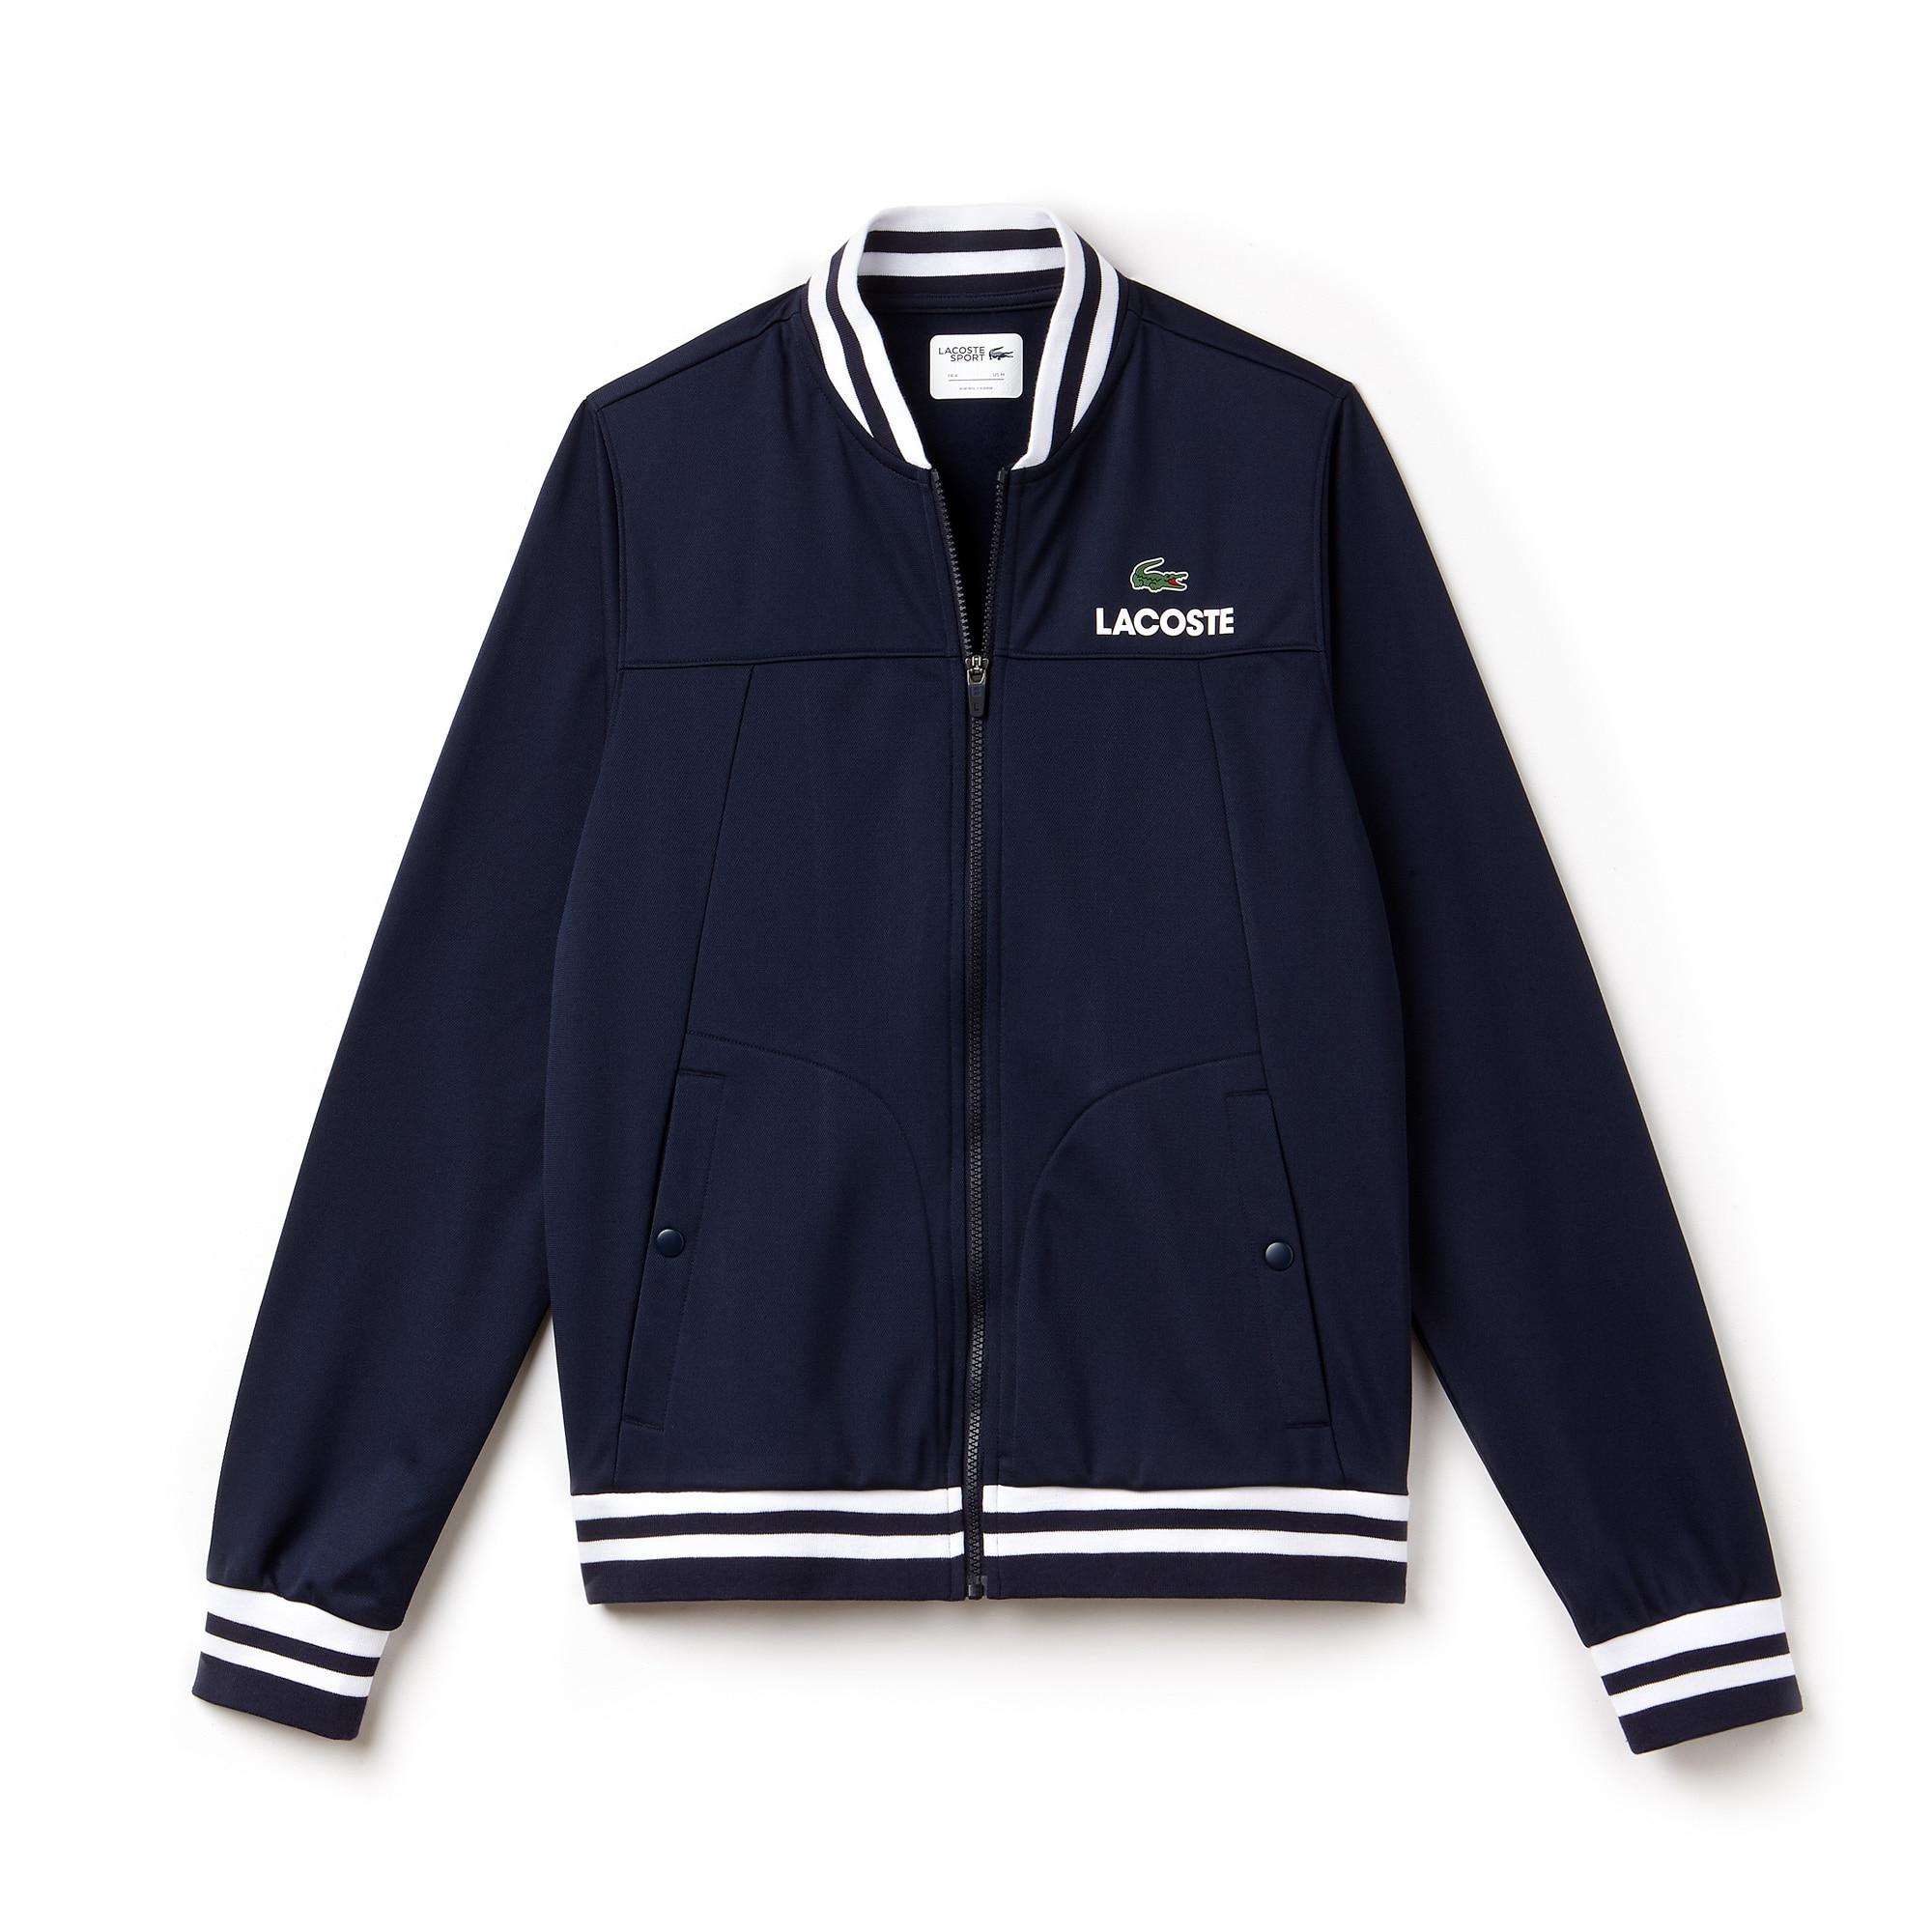 Men's SPORT Piqué Tennis Jacket